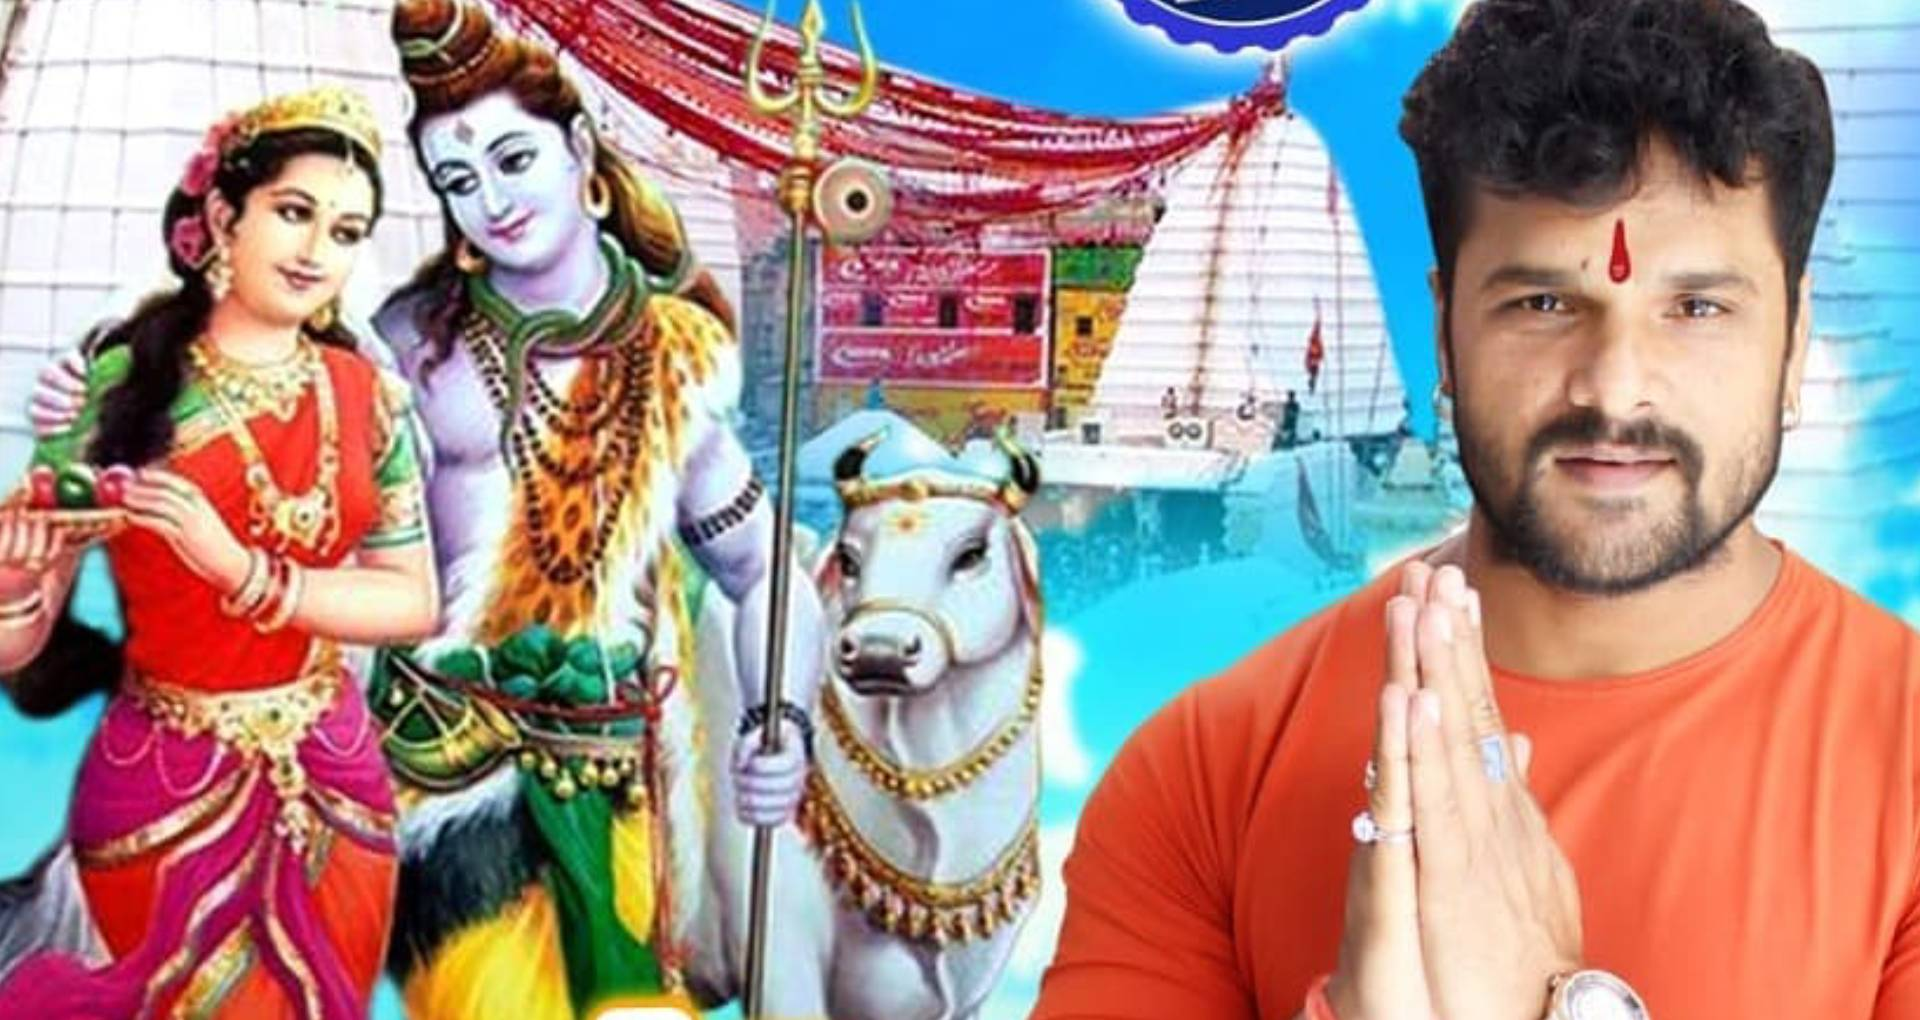 Jab Bhangiya Pise Ke Parela Song: मां गौरा की परेशानी बता रहे हैं खेसारी लाल यादव, देखिए उनका नया बोल बम सॉन्ग